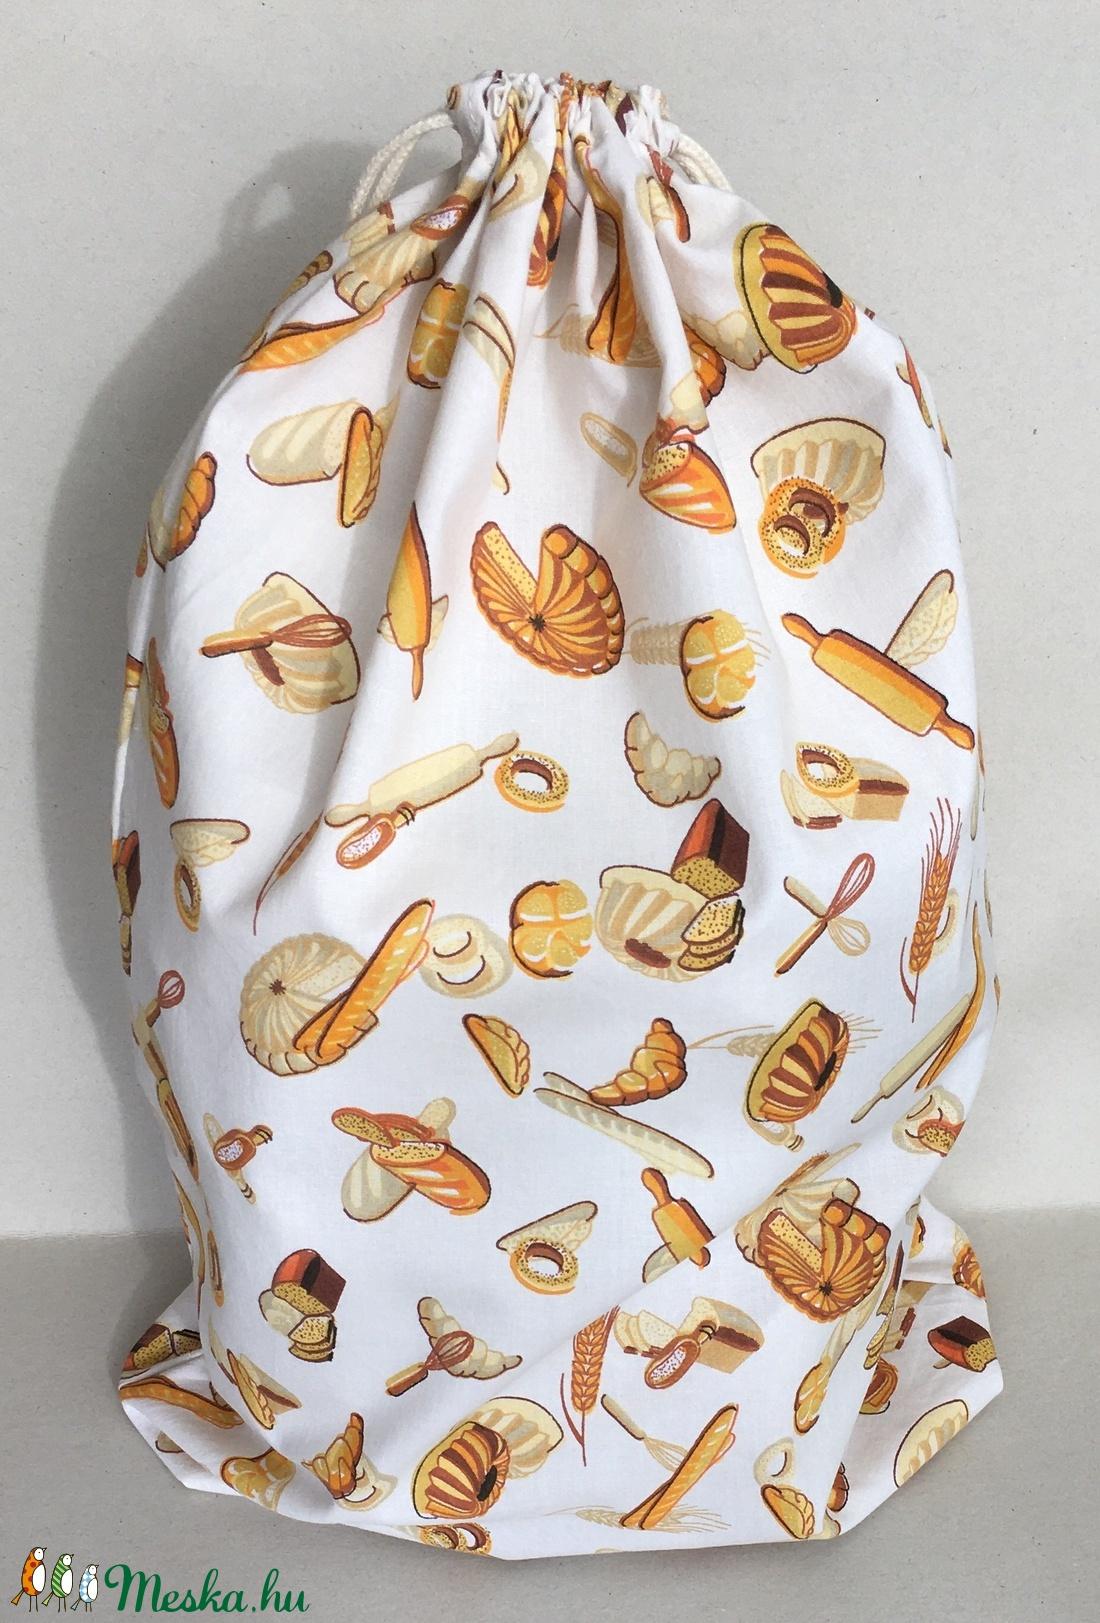 Péksütemény/1 kg-os kenyeres zsák - ekrű alapon pékáru mintás (marvika) - Meska.hu